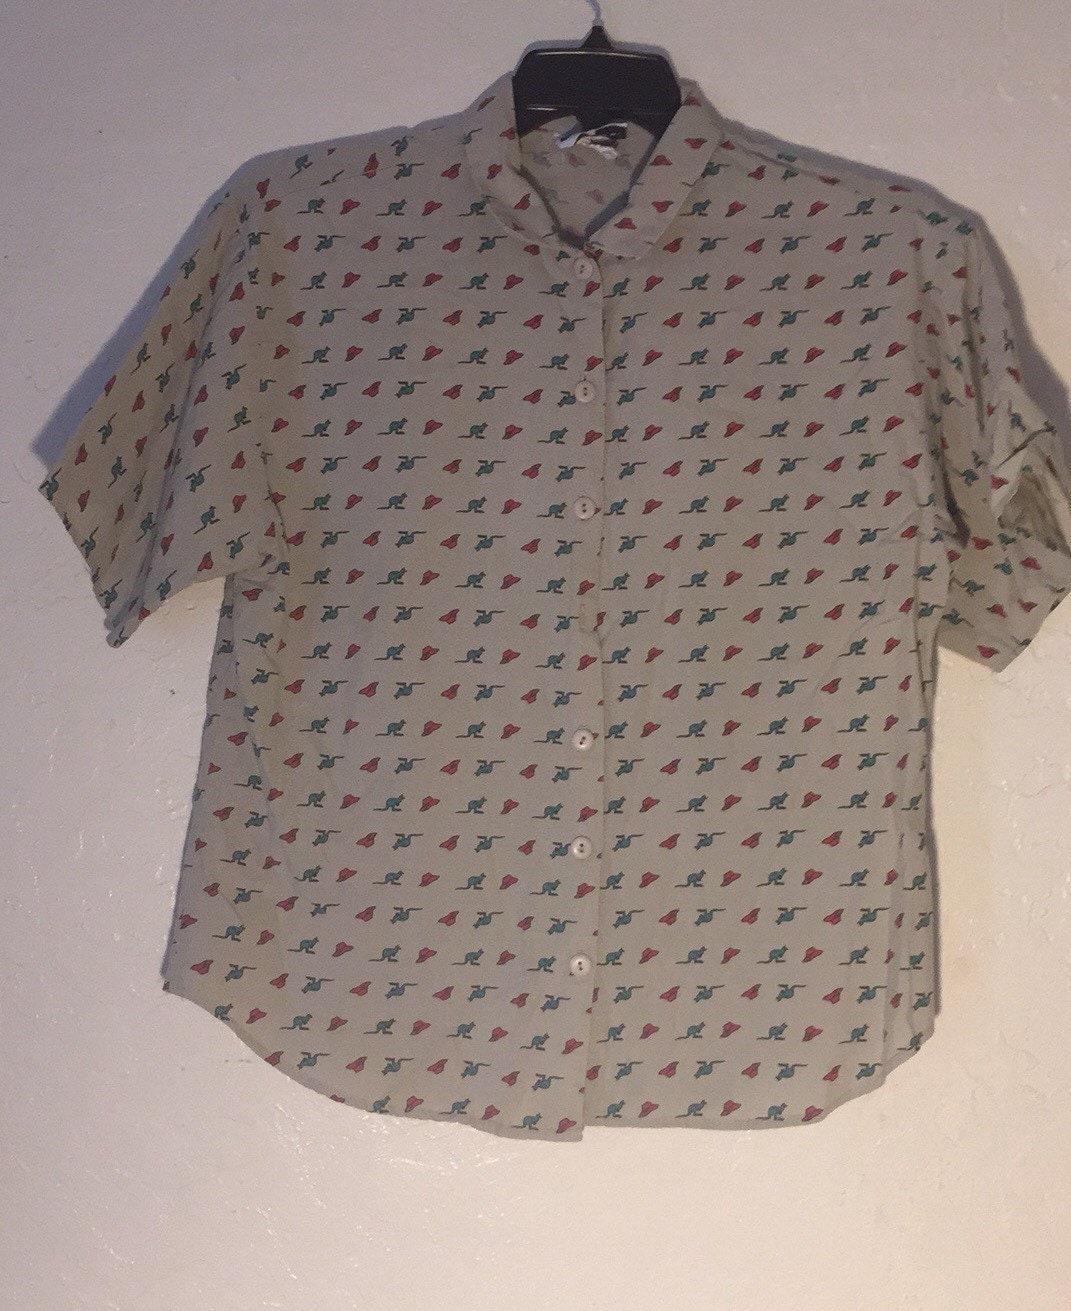 c5e11624921a68 90s Vintage Blouse